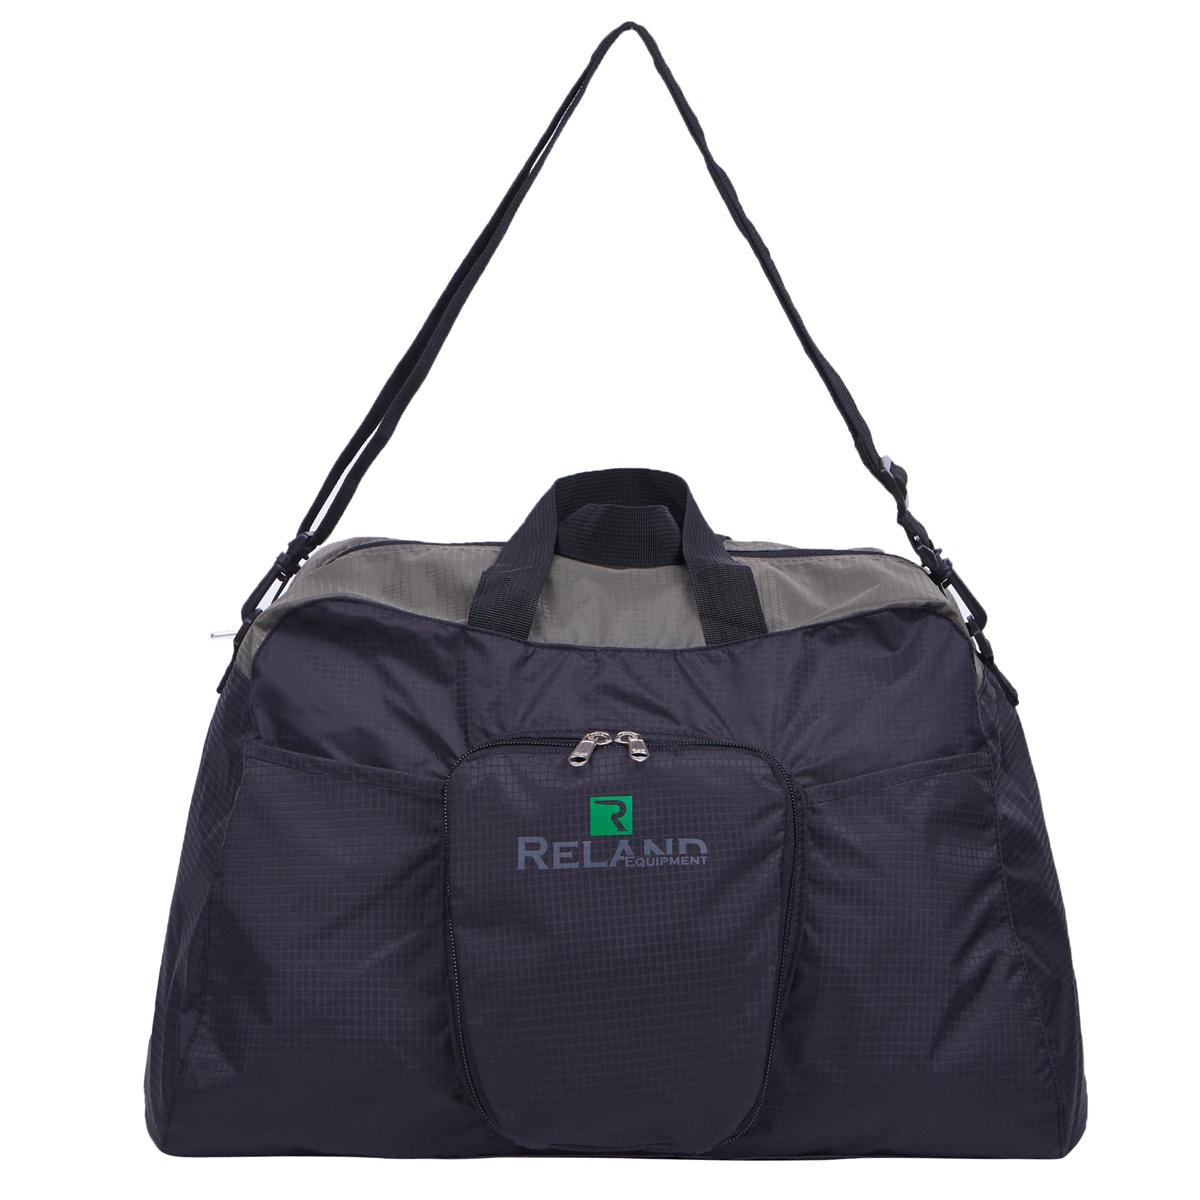 7f8a33405ca2 Medium Sized Duffel Bag - Madly Indian